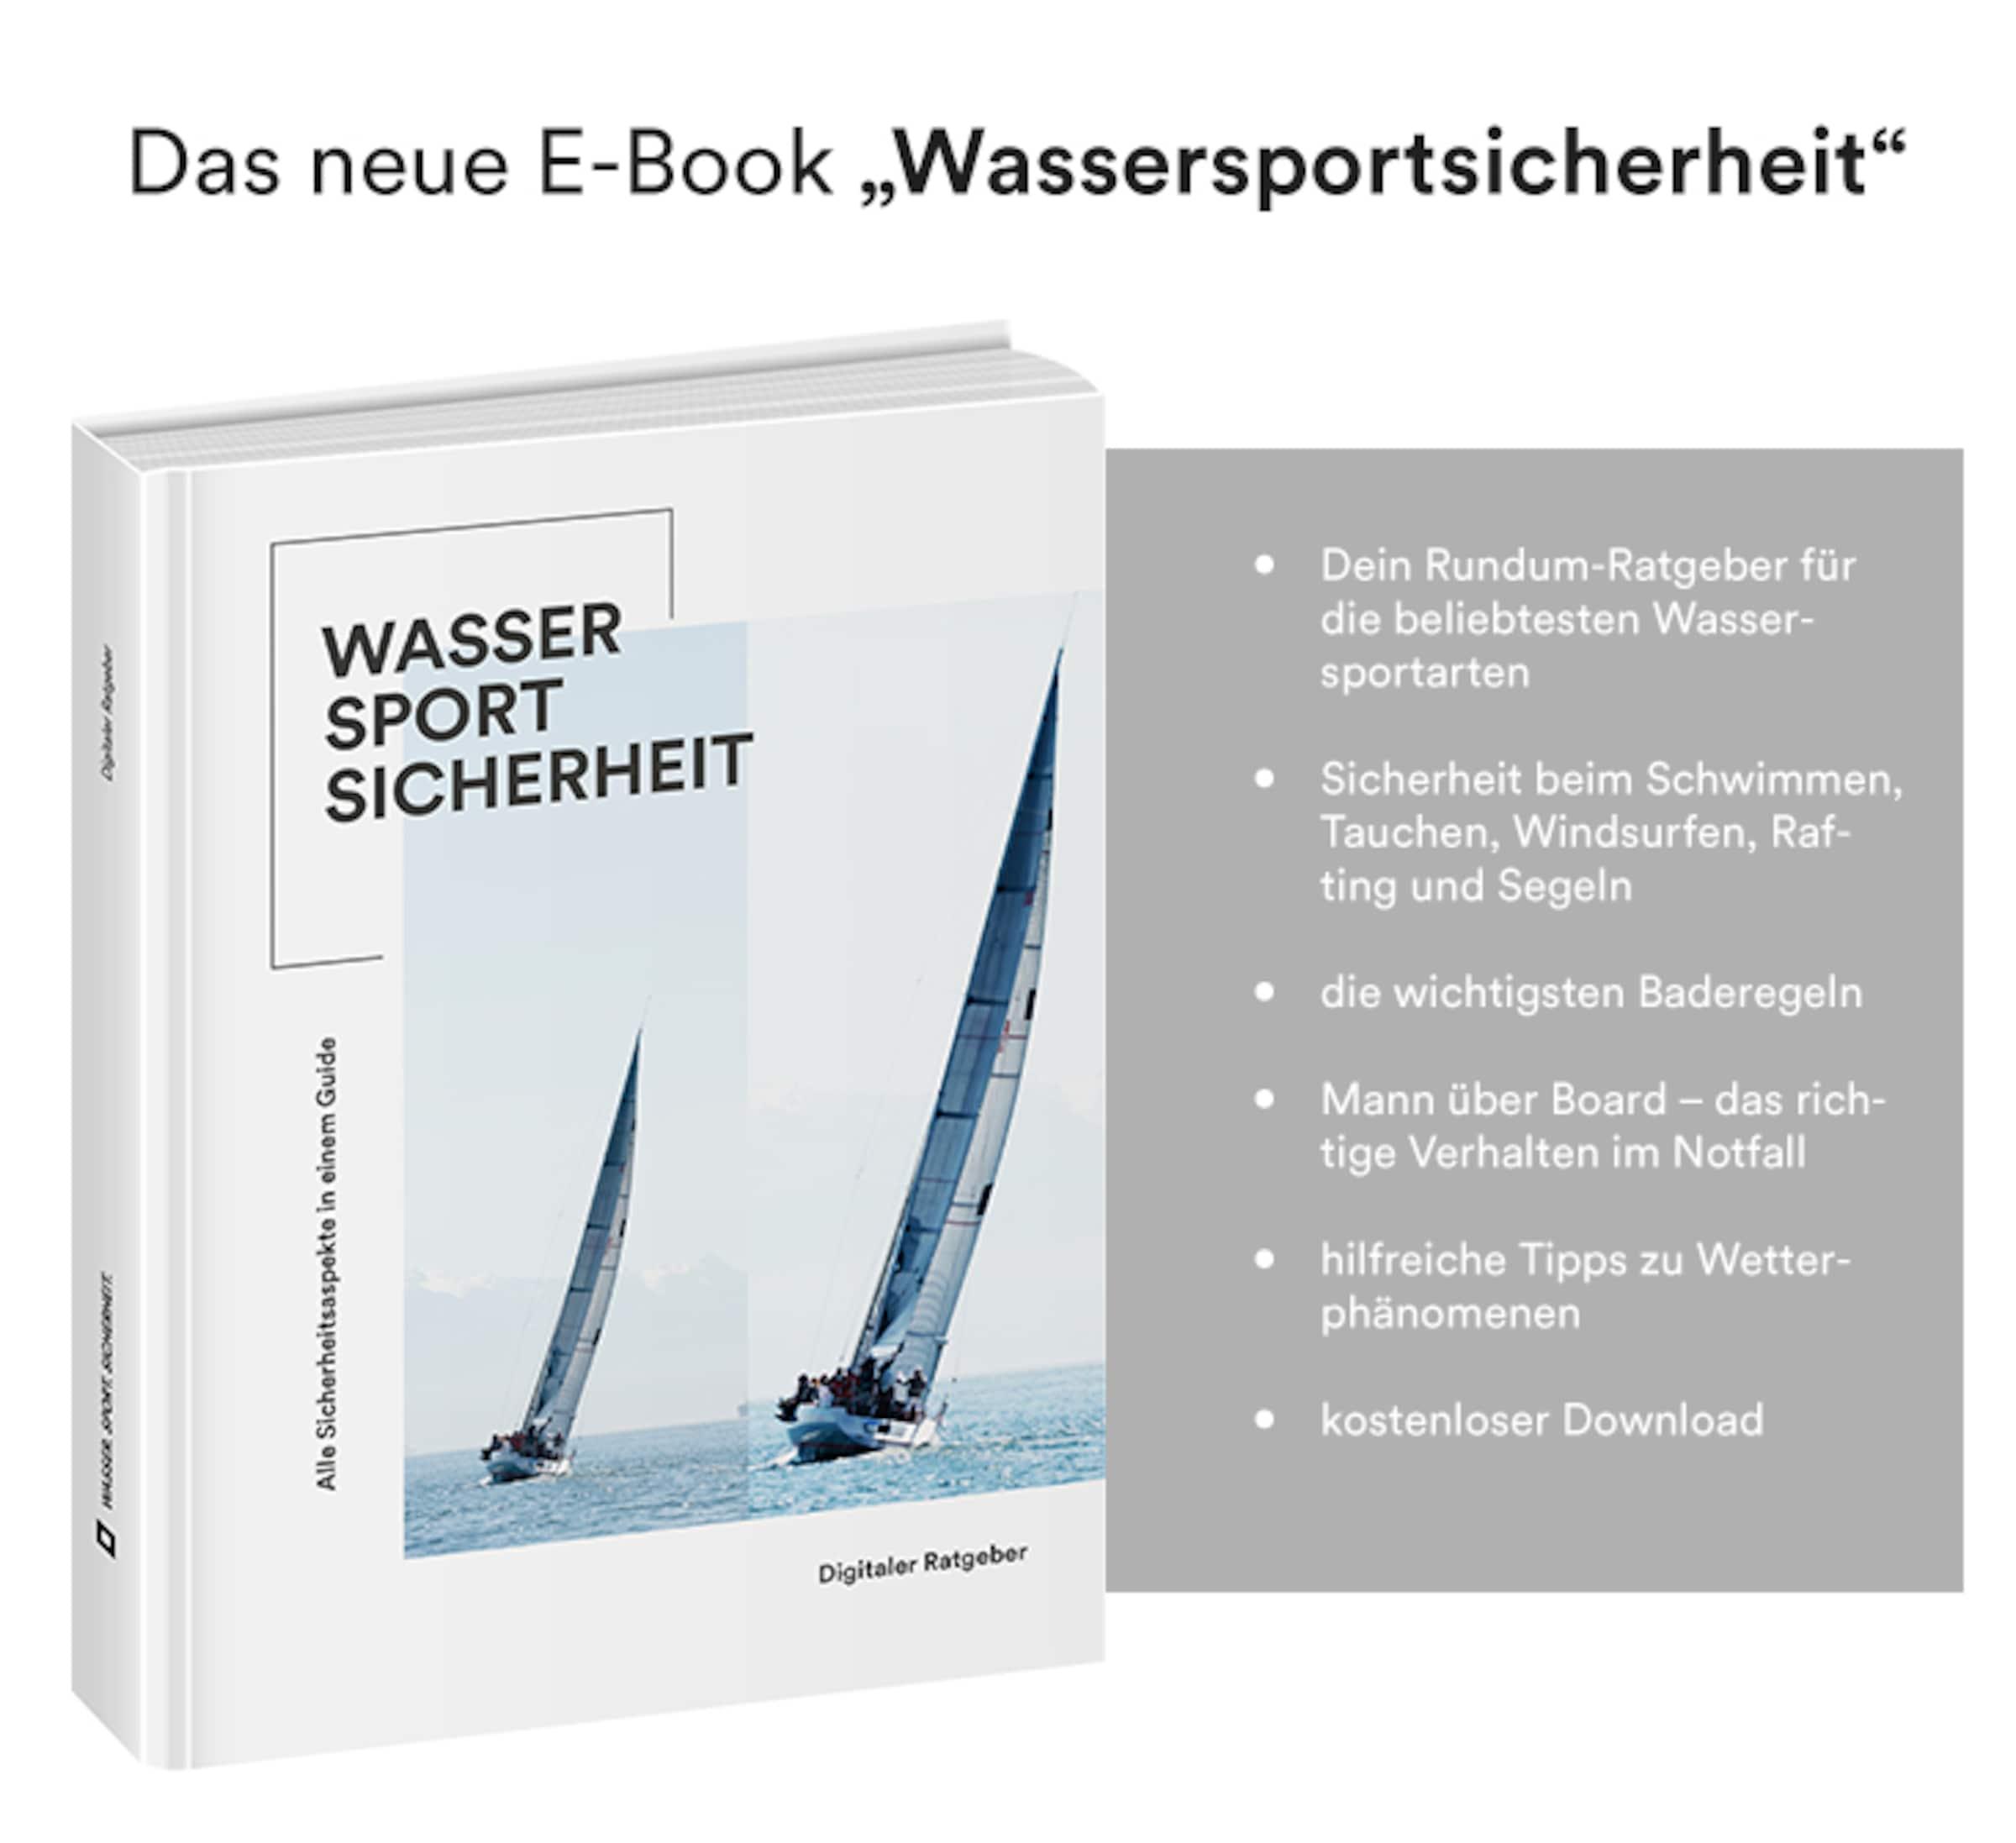 Das neue E-Book 'Wassersportsicherheit'